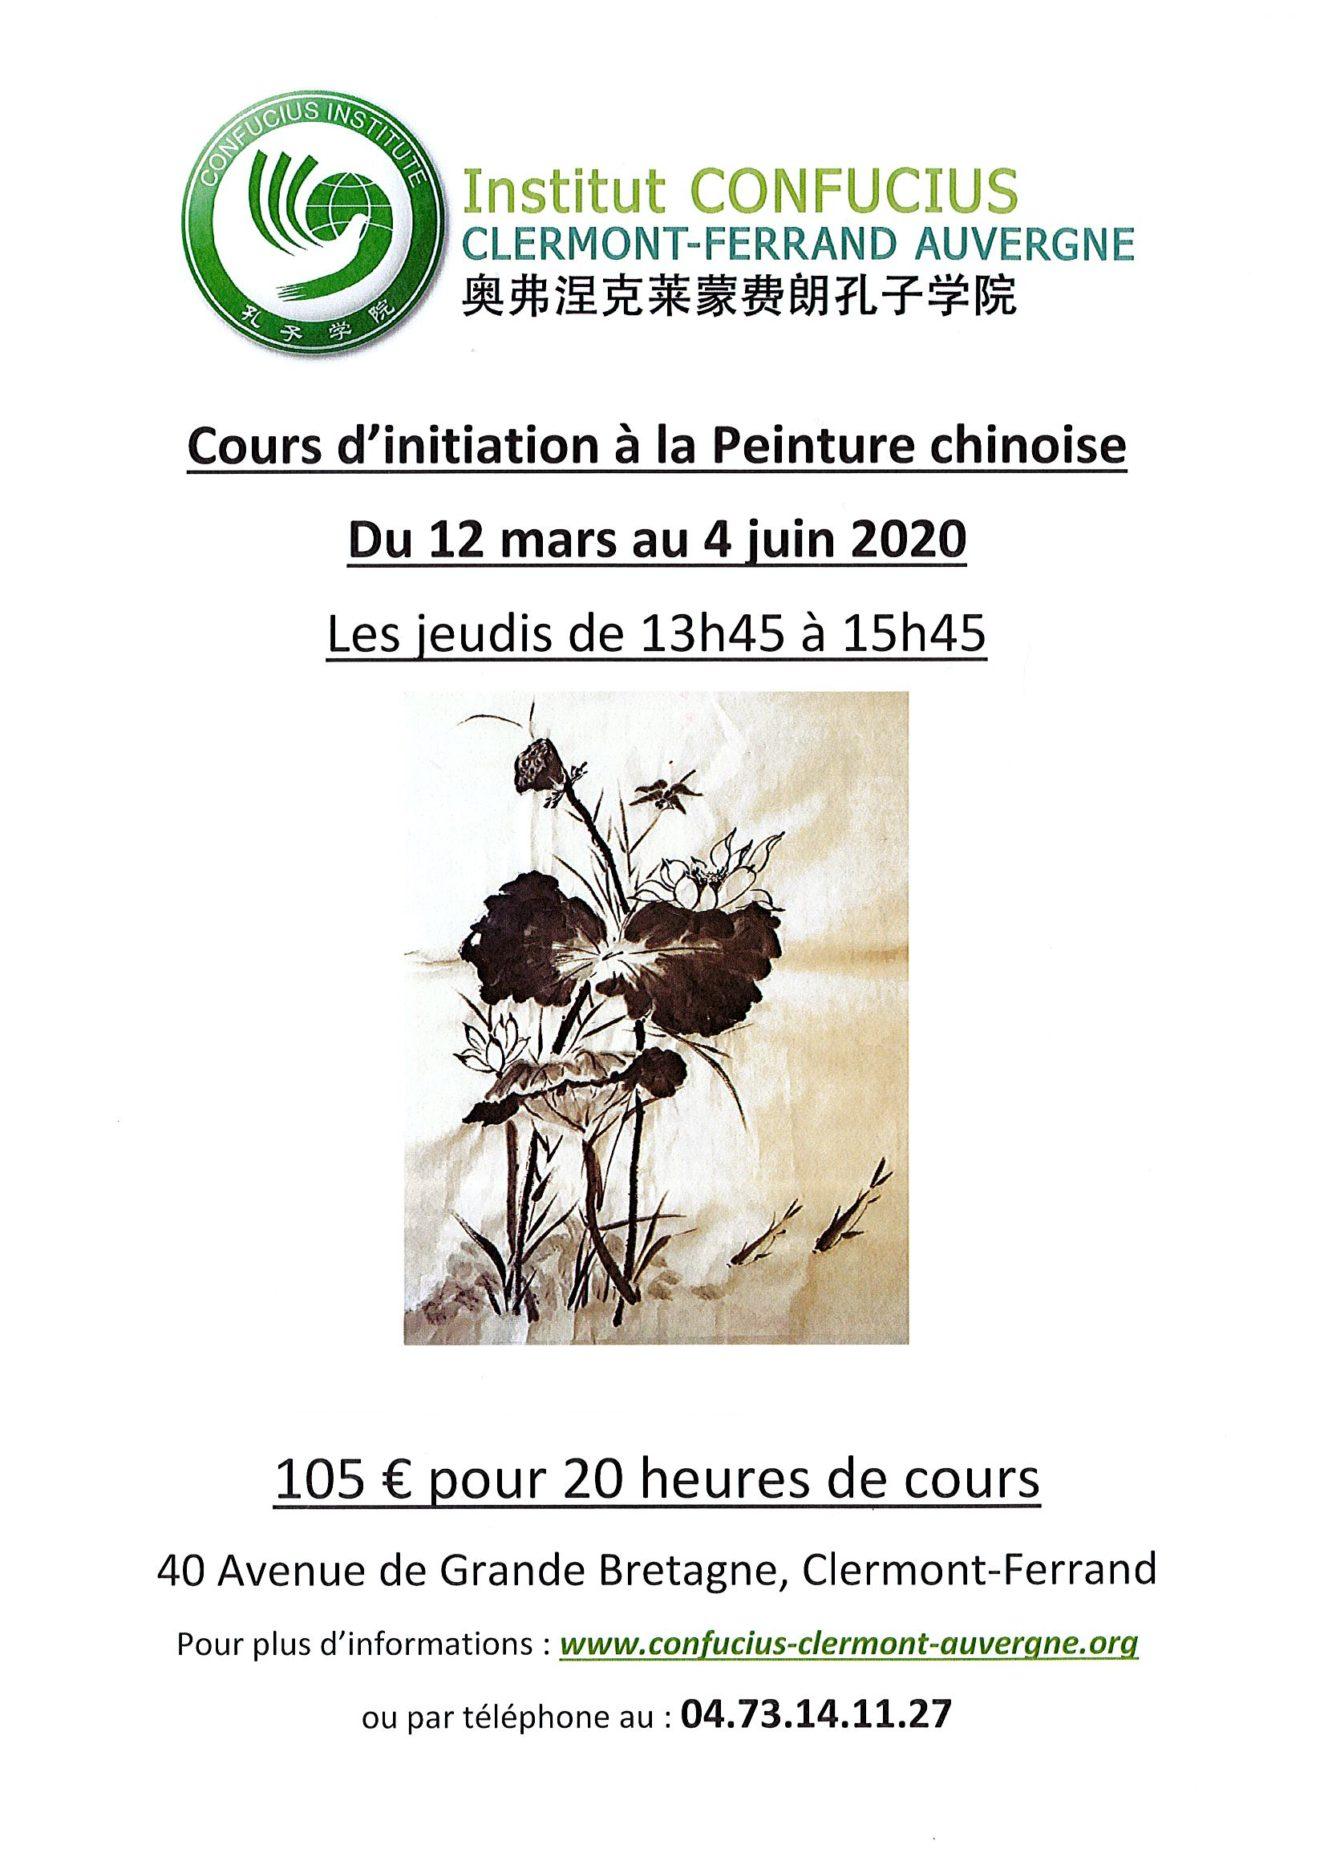 Affiche cours d'initiation peinture chinoise